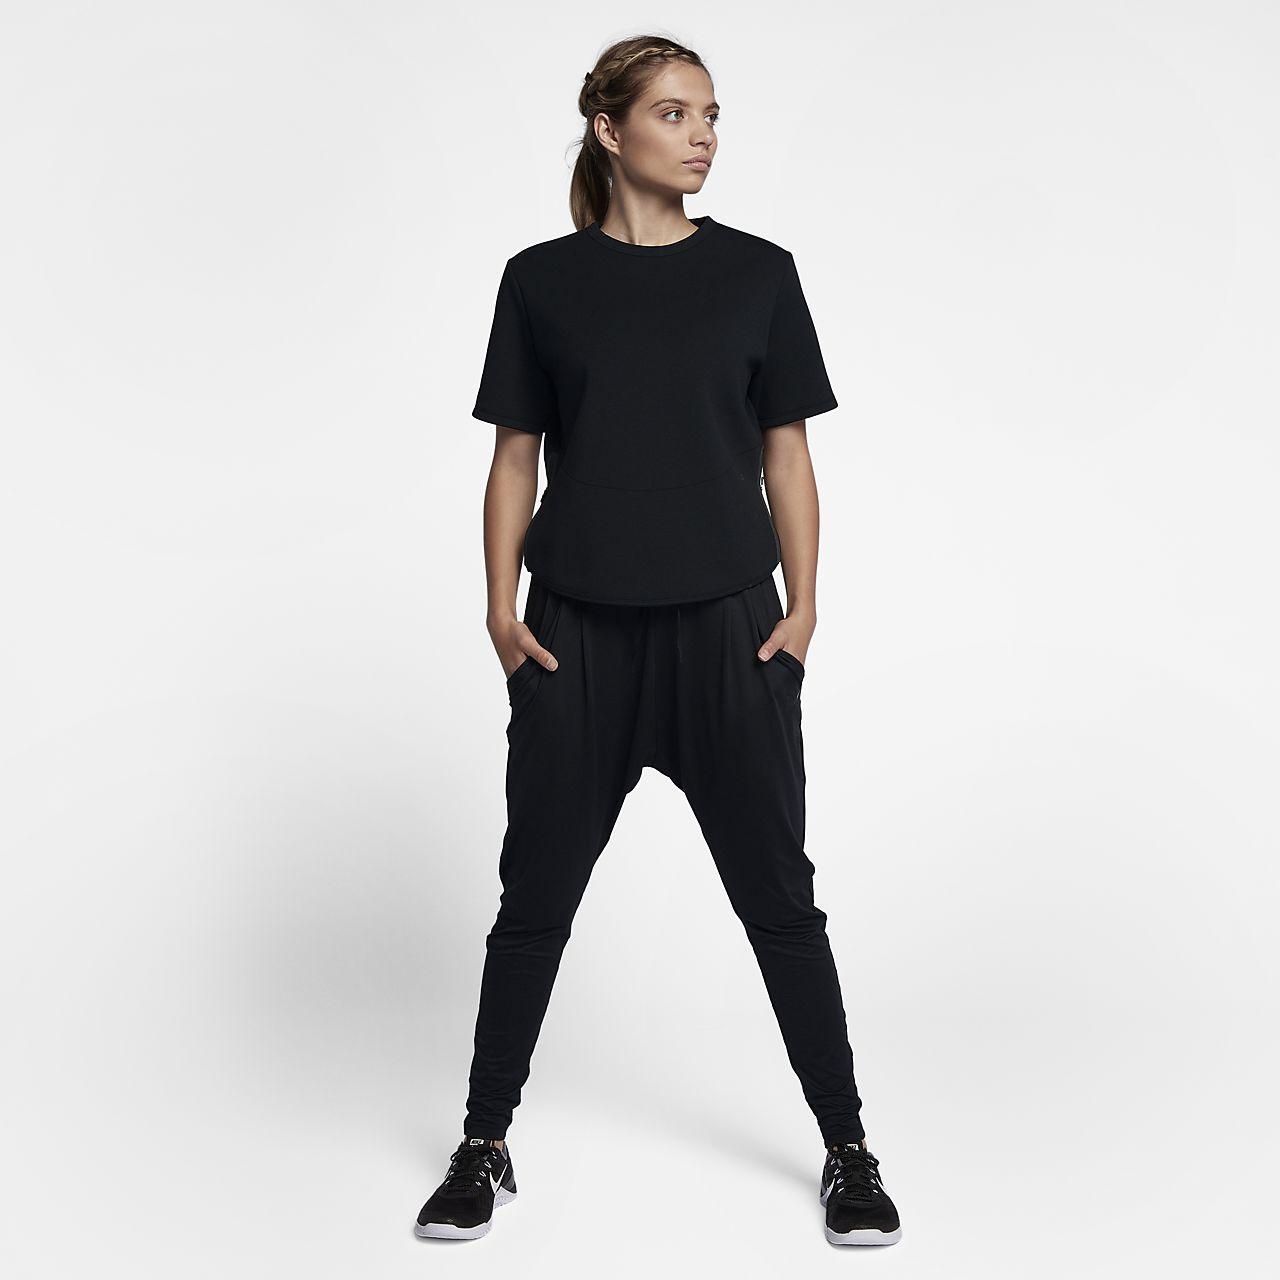 genuino mejor calificado lindos zapatos reputación confiable Dri-FIT Lux Flow Pantalón de entrenamiento de talle medio ...